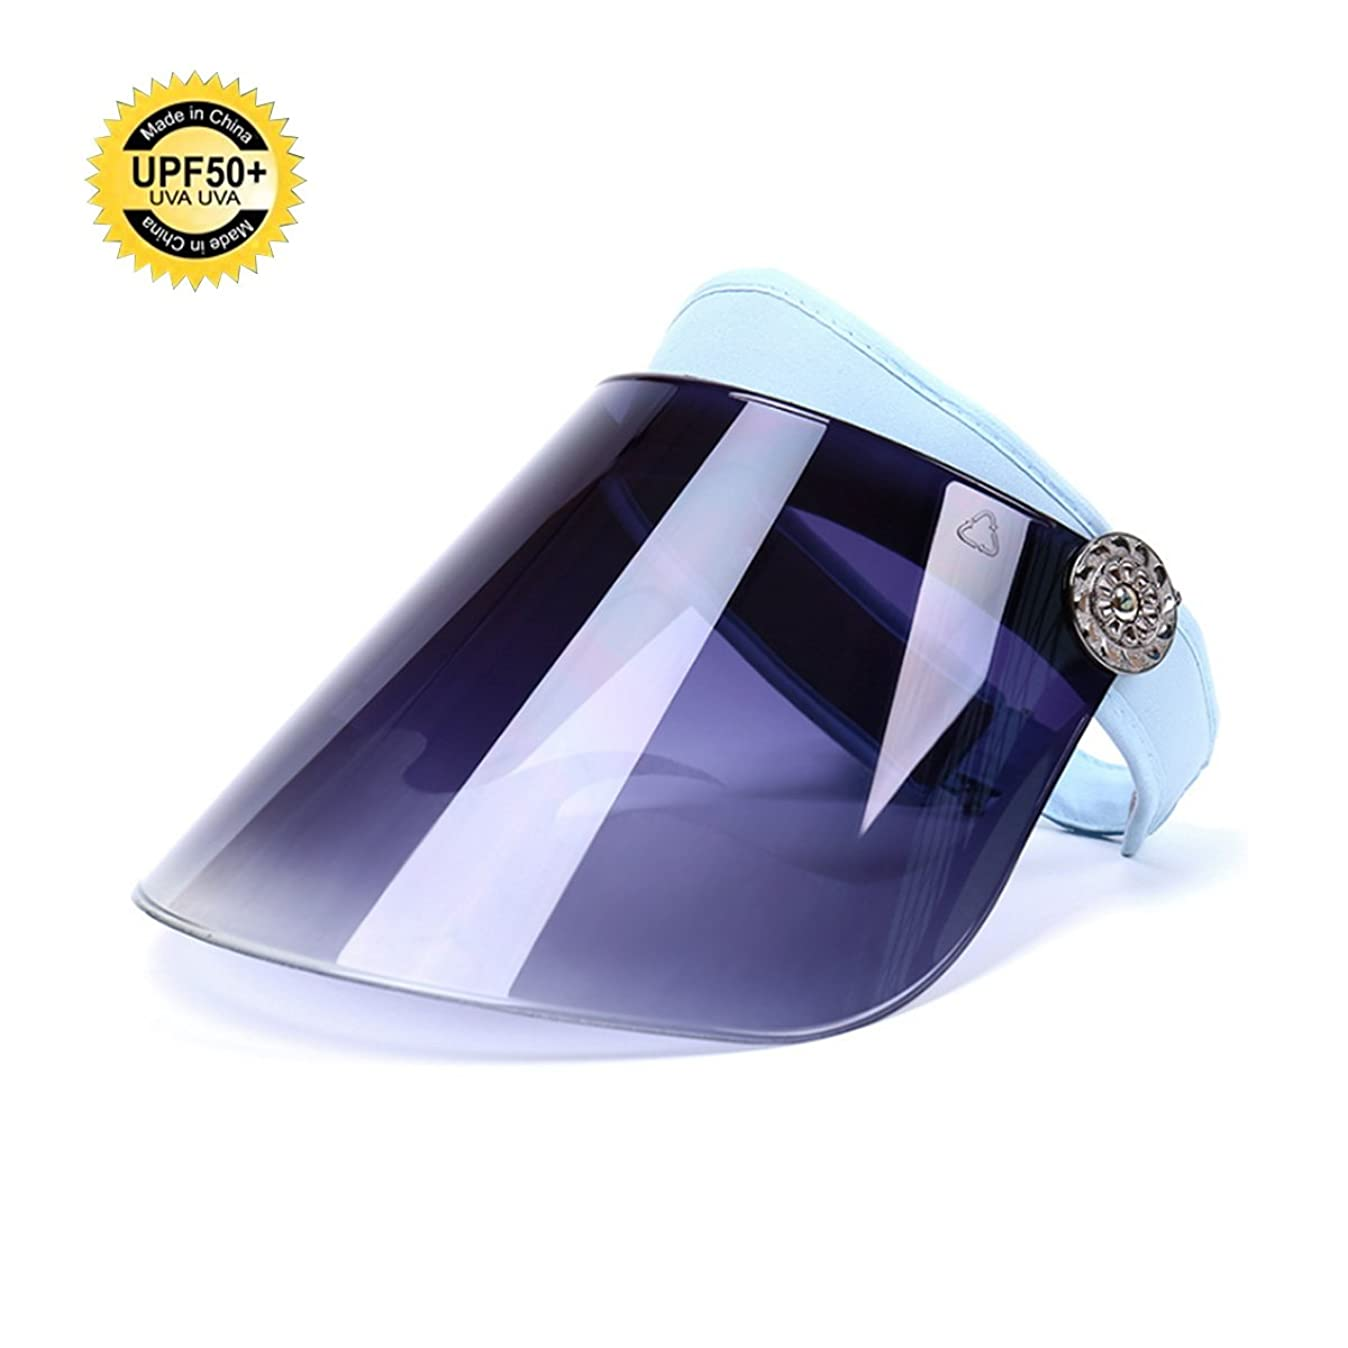 しないでくださいる最小化するACEON サンバイザー 日避け帽子 日焼け防止 紫外線対策 UVカット 美 容 肌の美白 自転車キャップ 夏 男女兼用 つば広 レインハット レインバイザー 360角度調整可能 高耐久性 フルフェイス (青い)